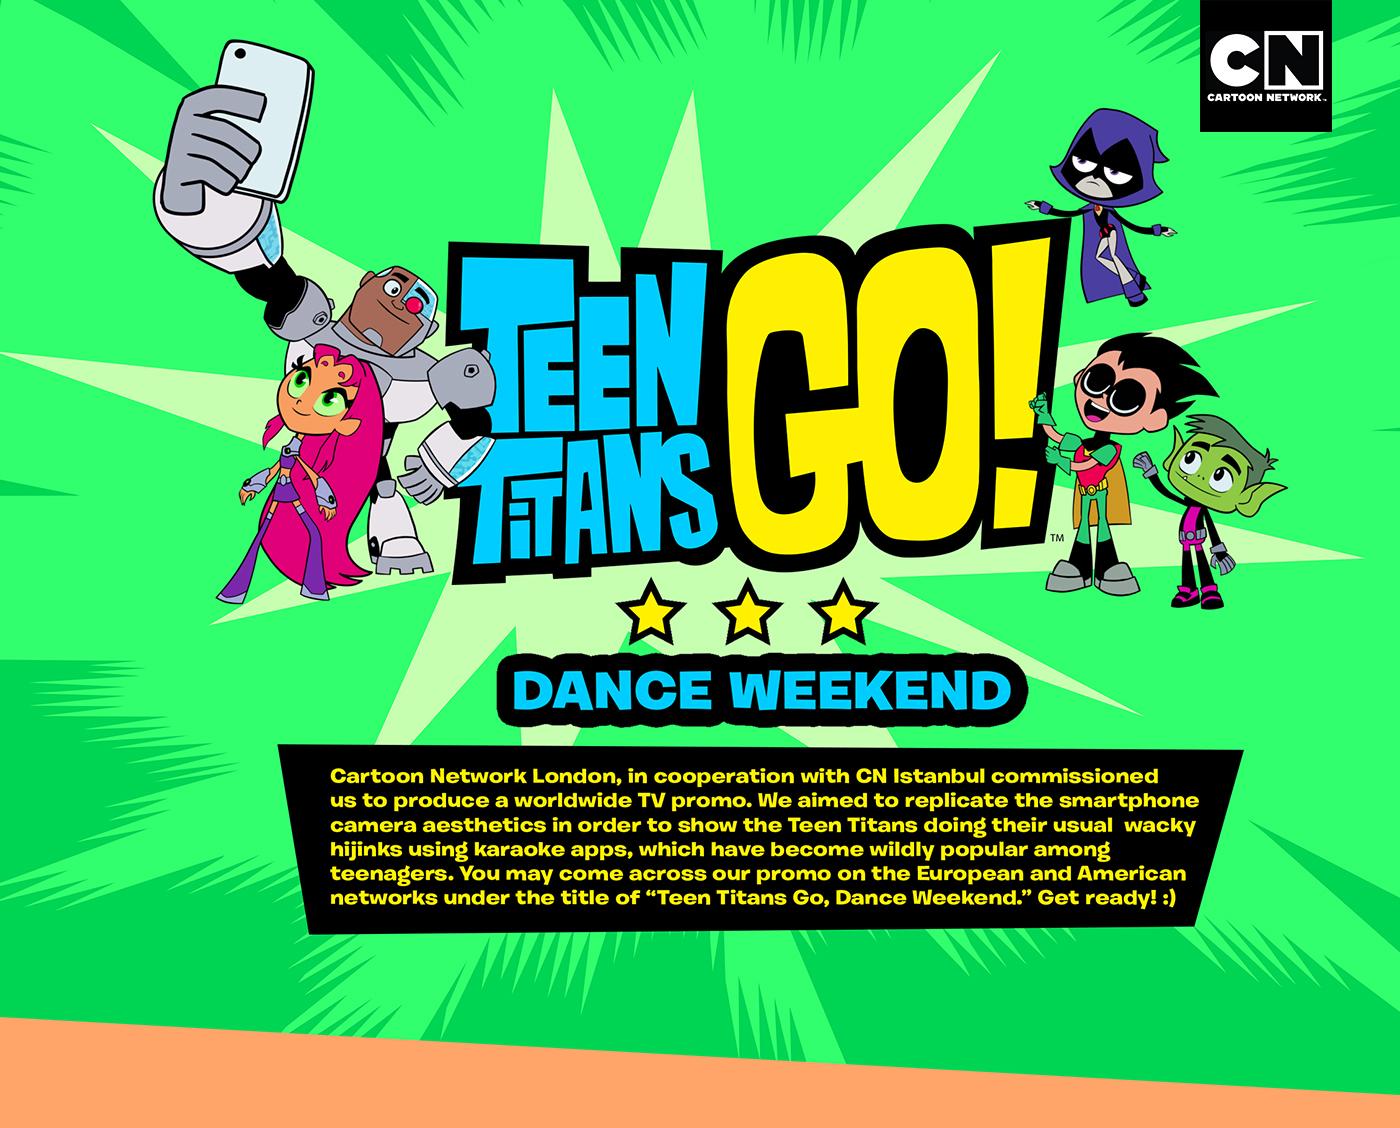 Teen Titans GO! Arcade on Behance